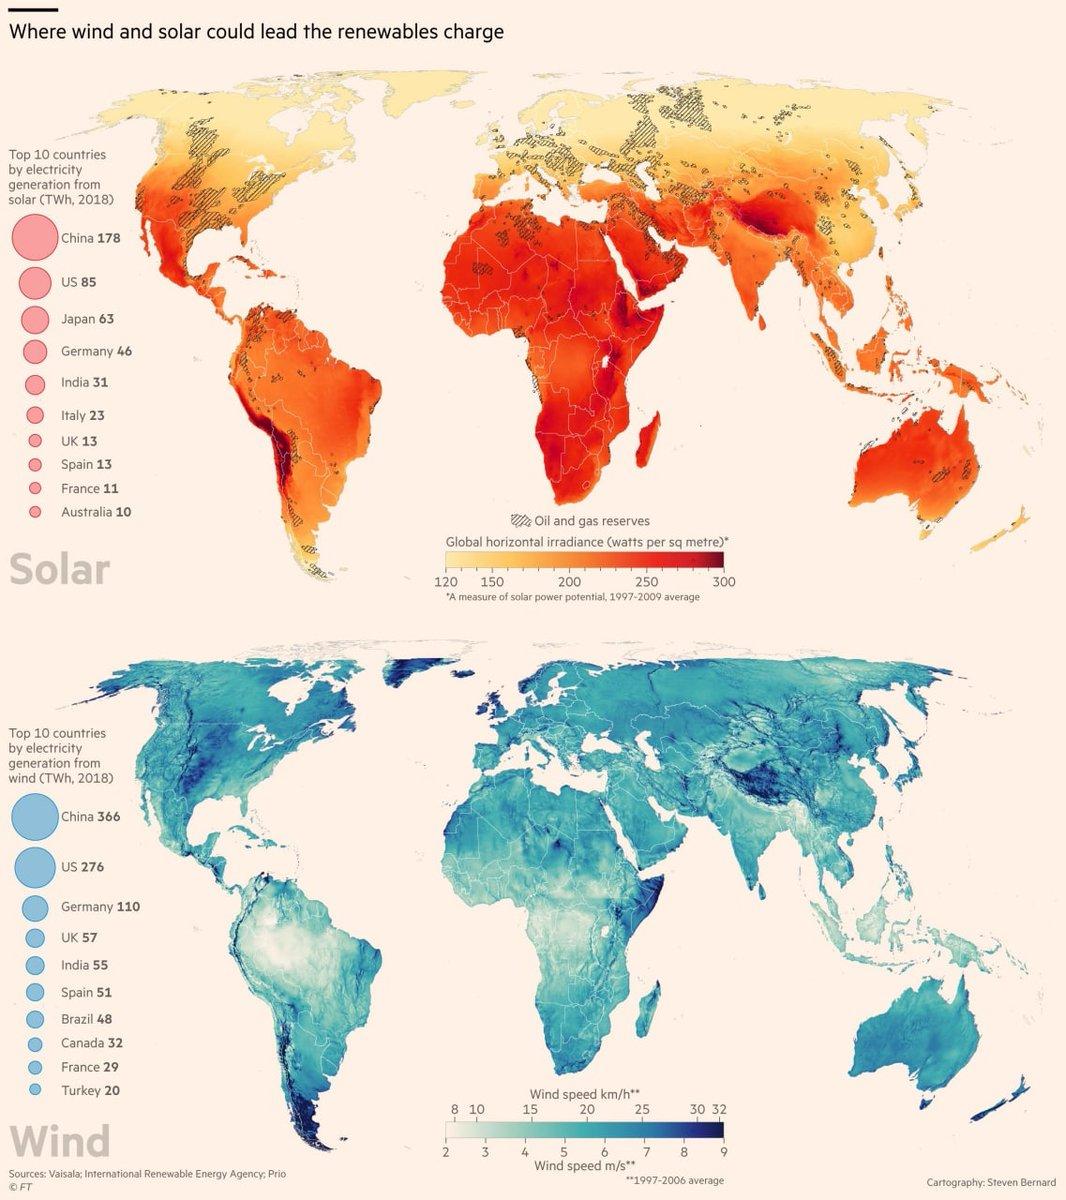 Потенциал солнечной и ветровой энергетики в регионах мира.Fkj